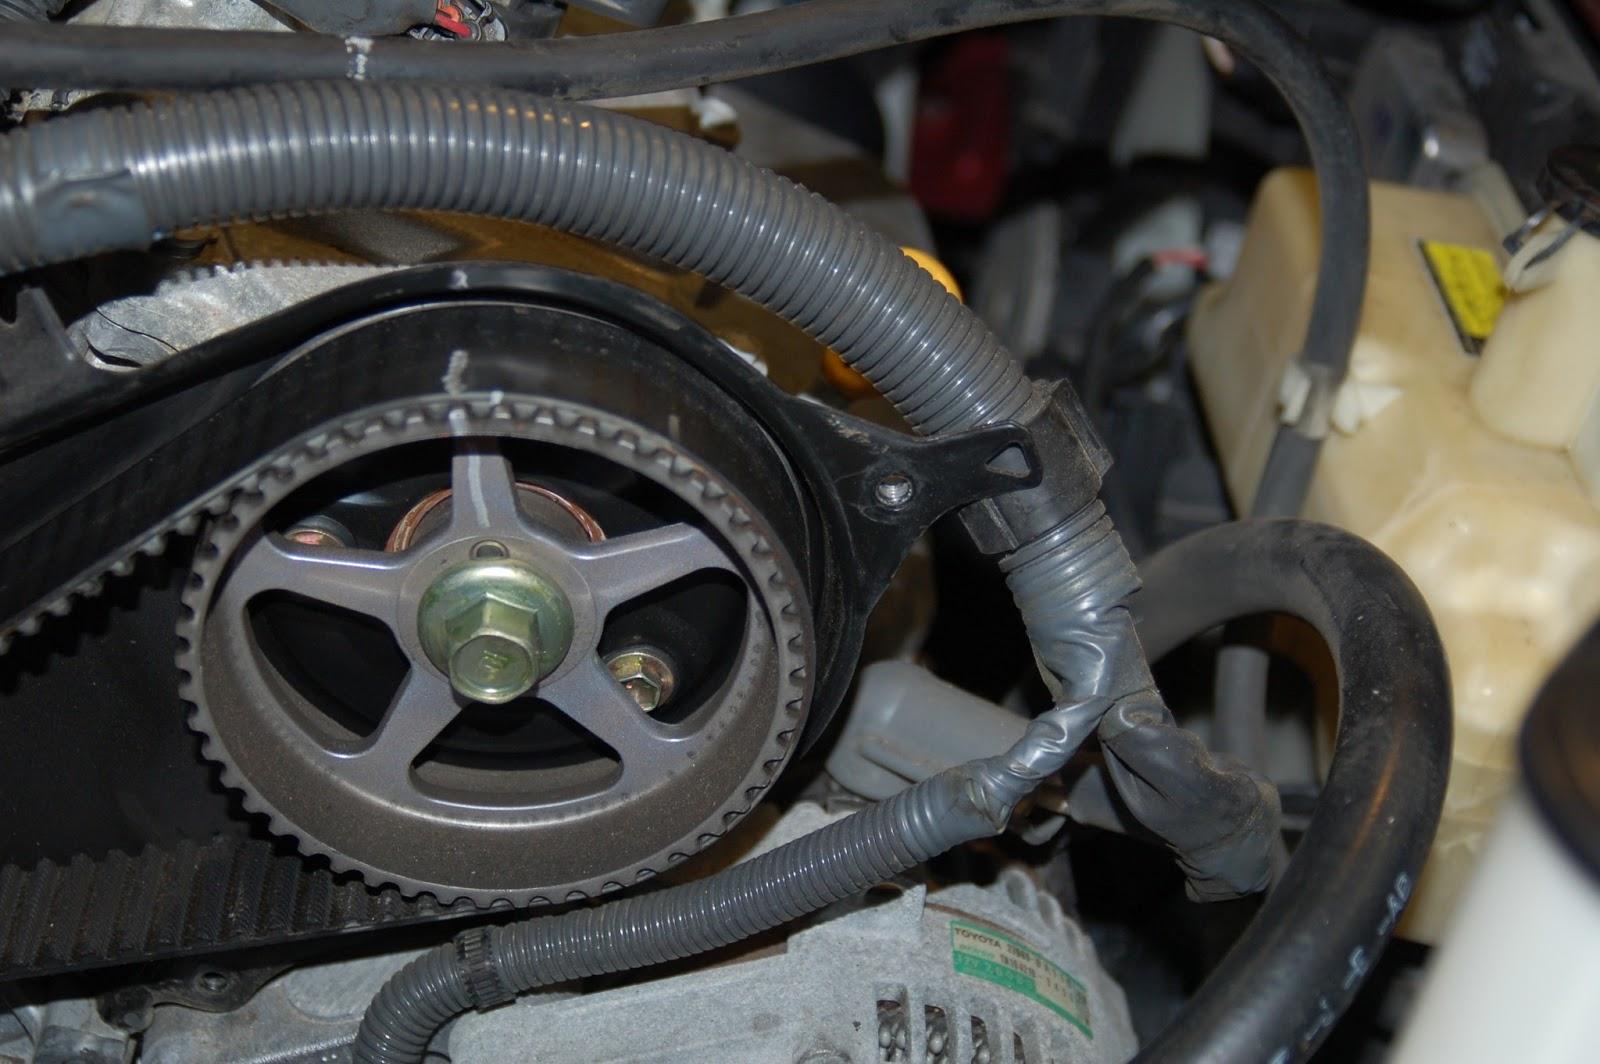 Toyota 2004 Sienna repair: 2004 Sienna Timing Belt/Water ...